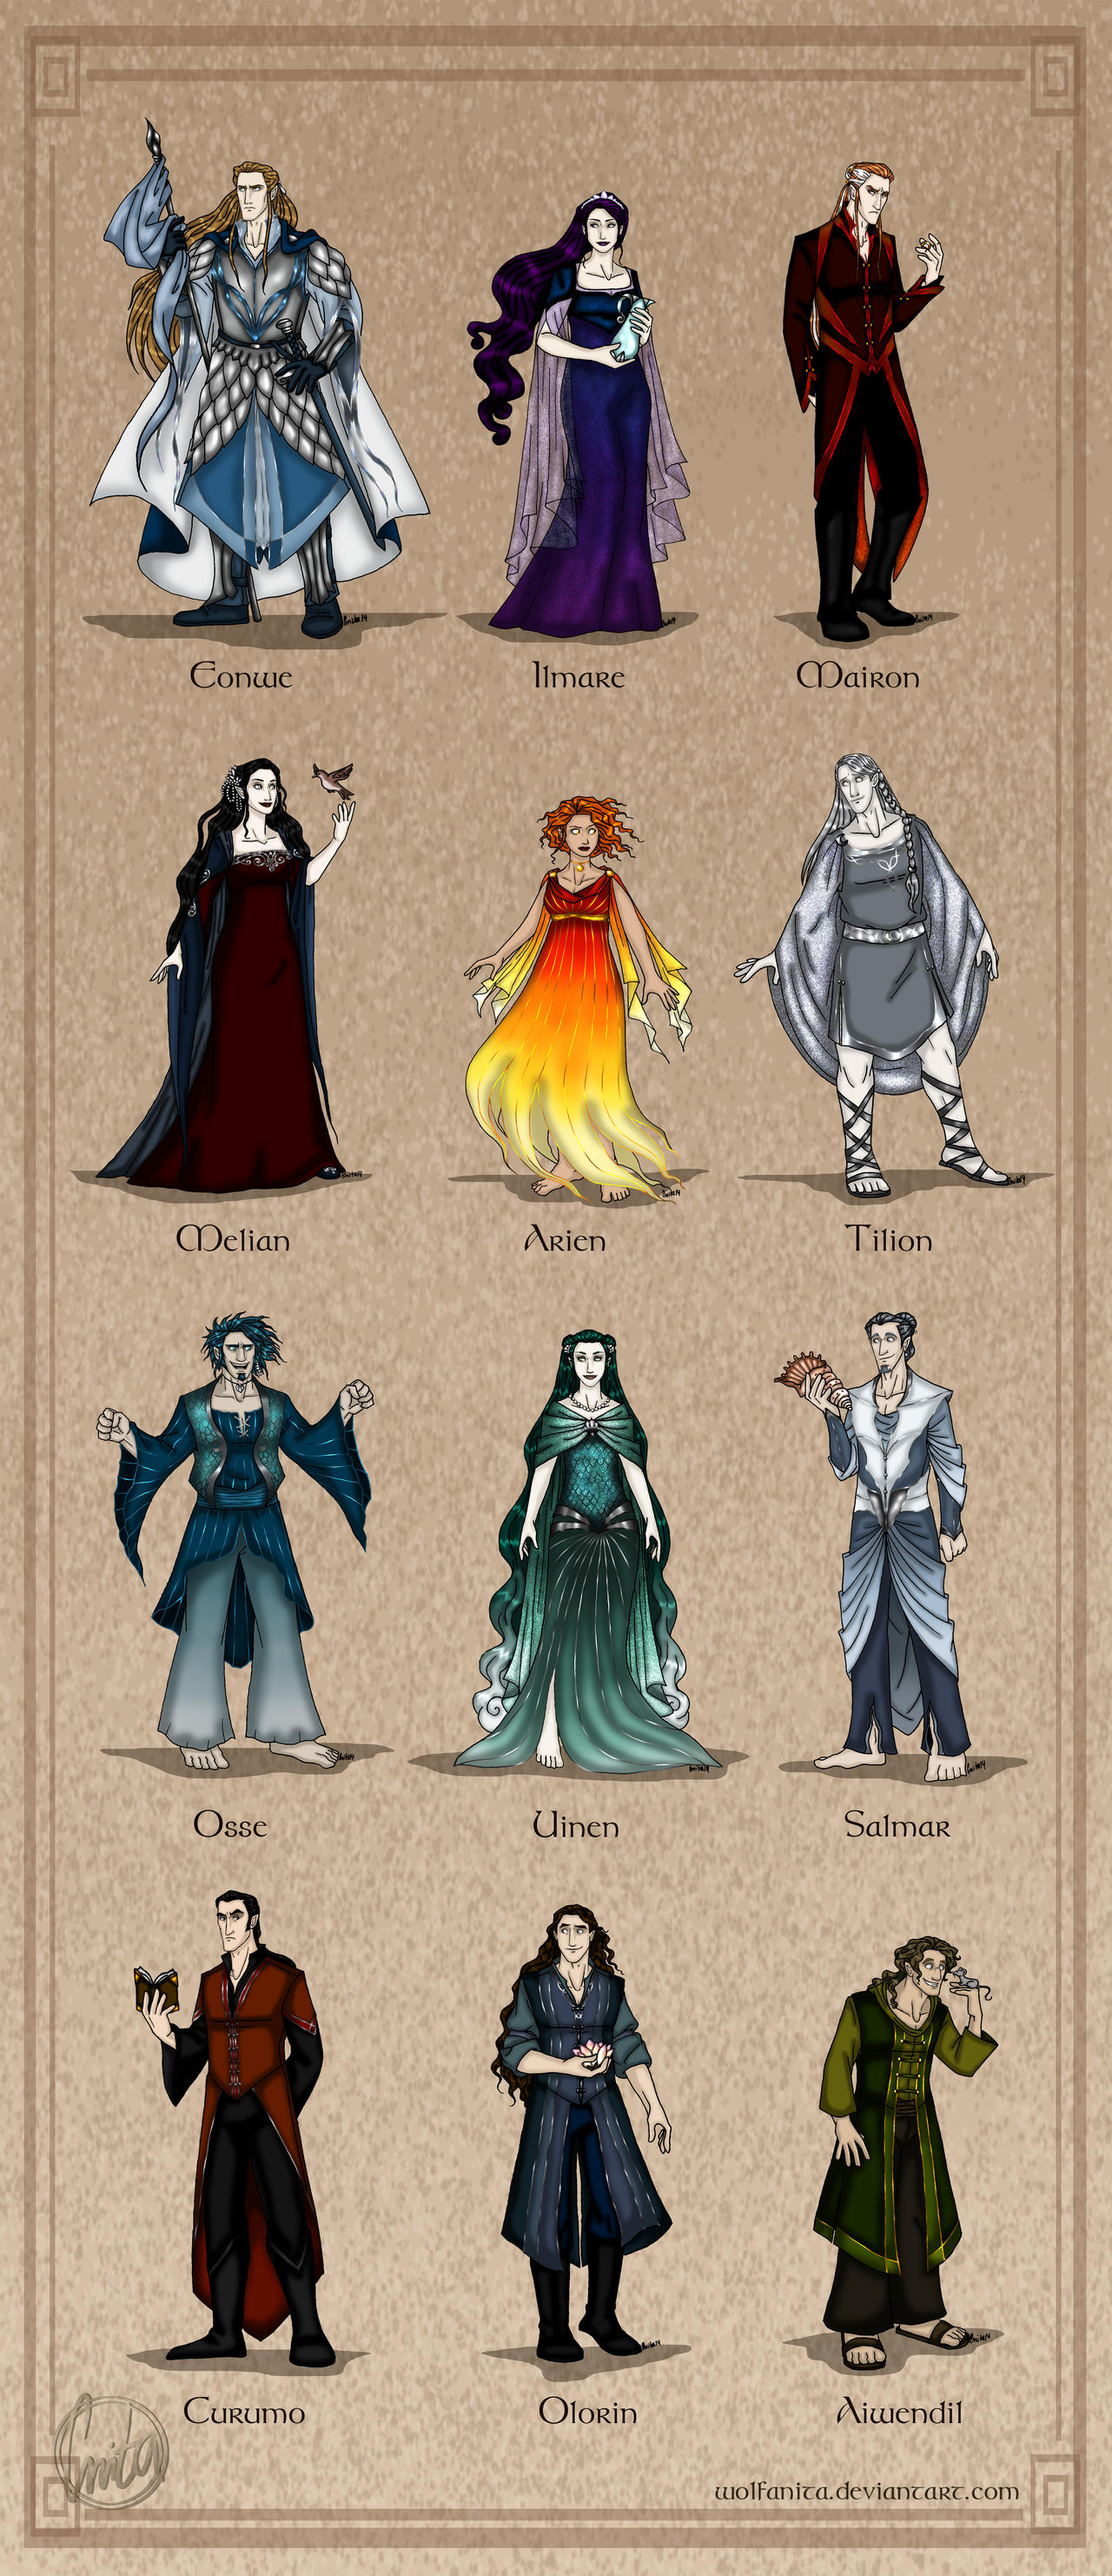 The Silmarillion: The Maiar by wolfanita